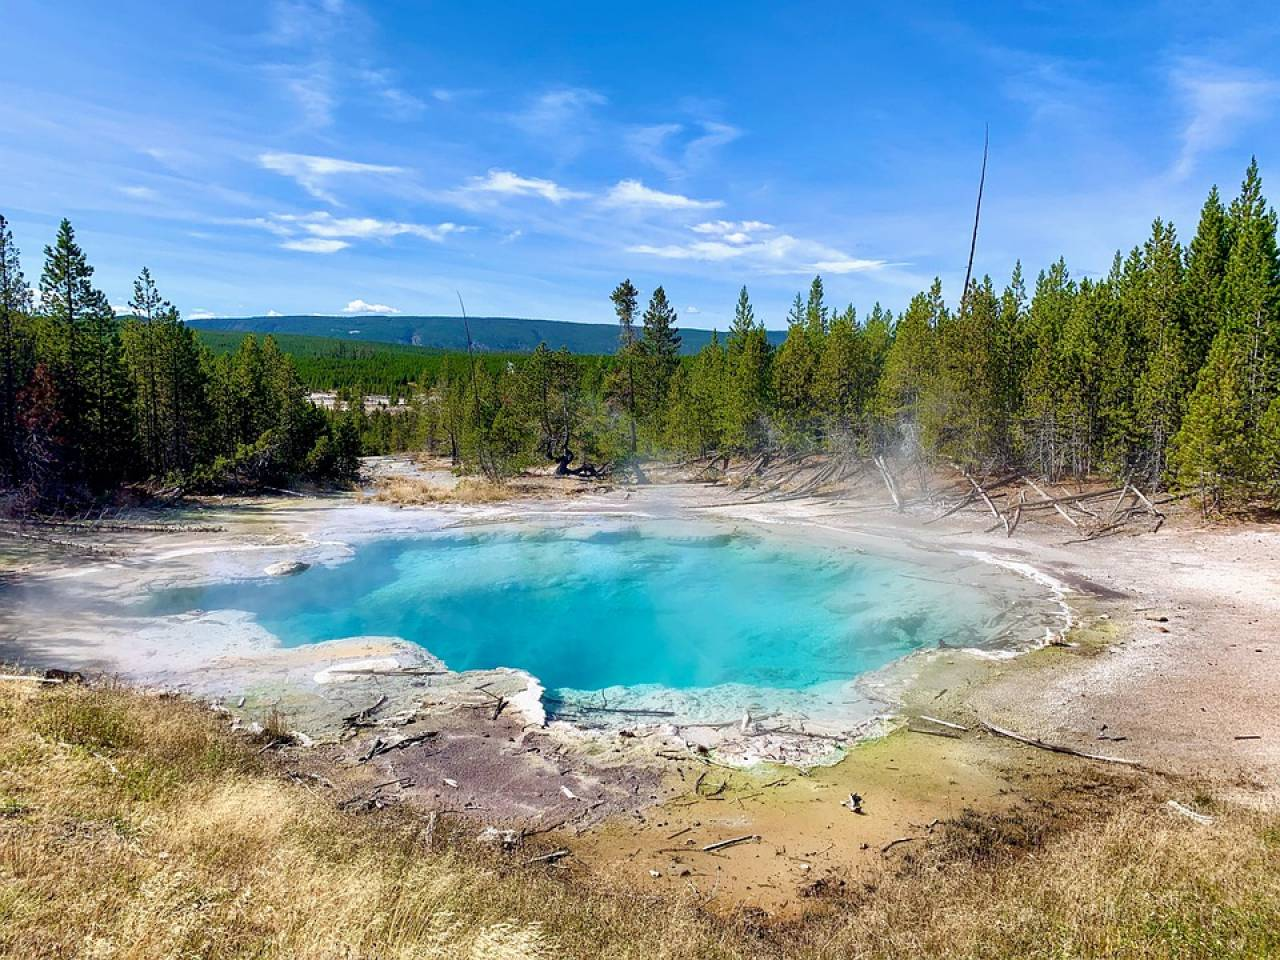 Caldera di Yellowstone, più di 100 terremoti registrati nel mese di giugno